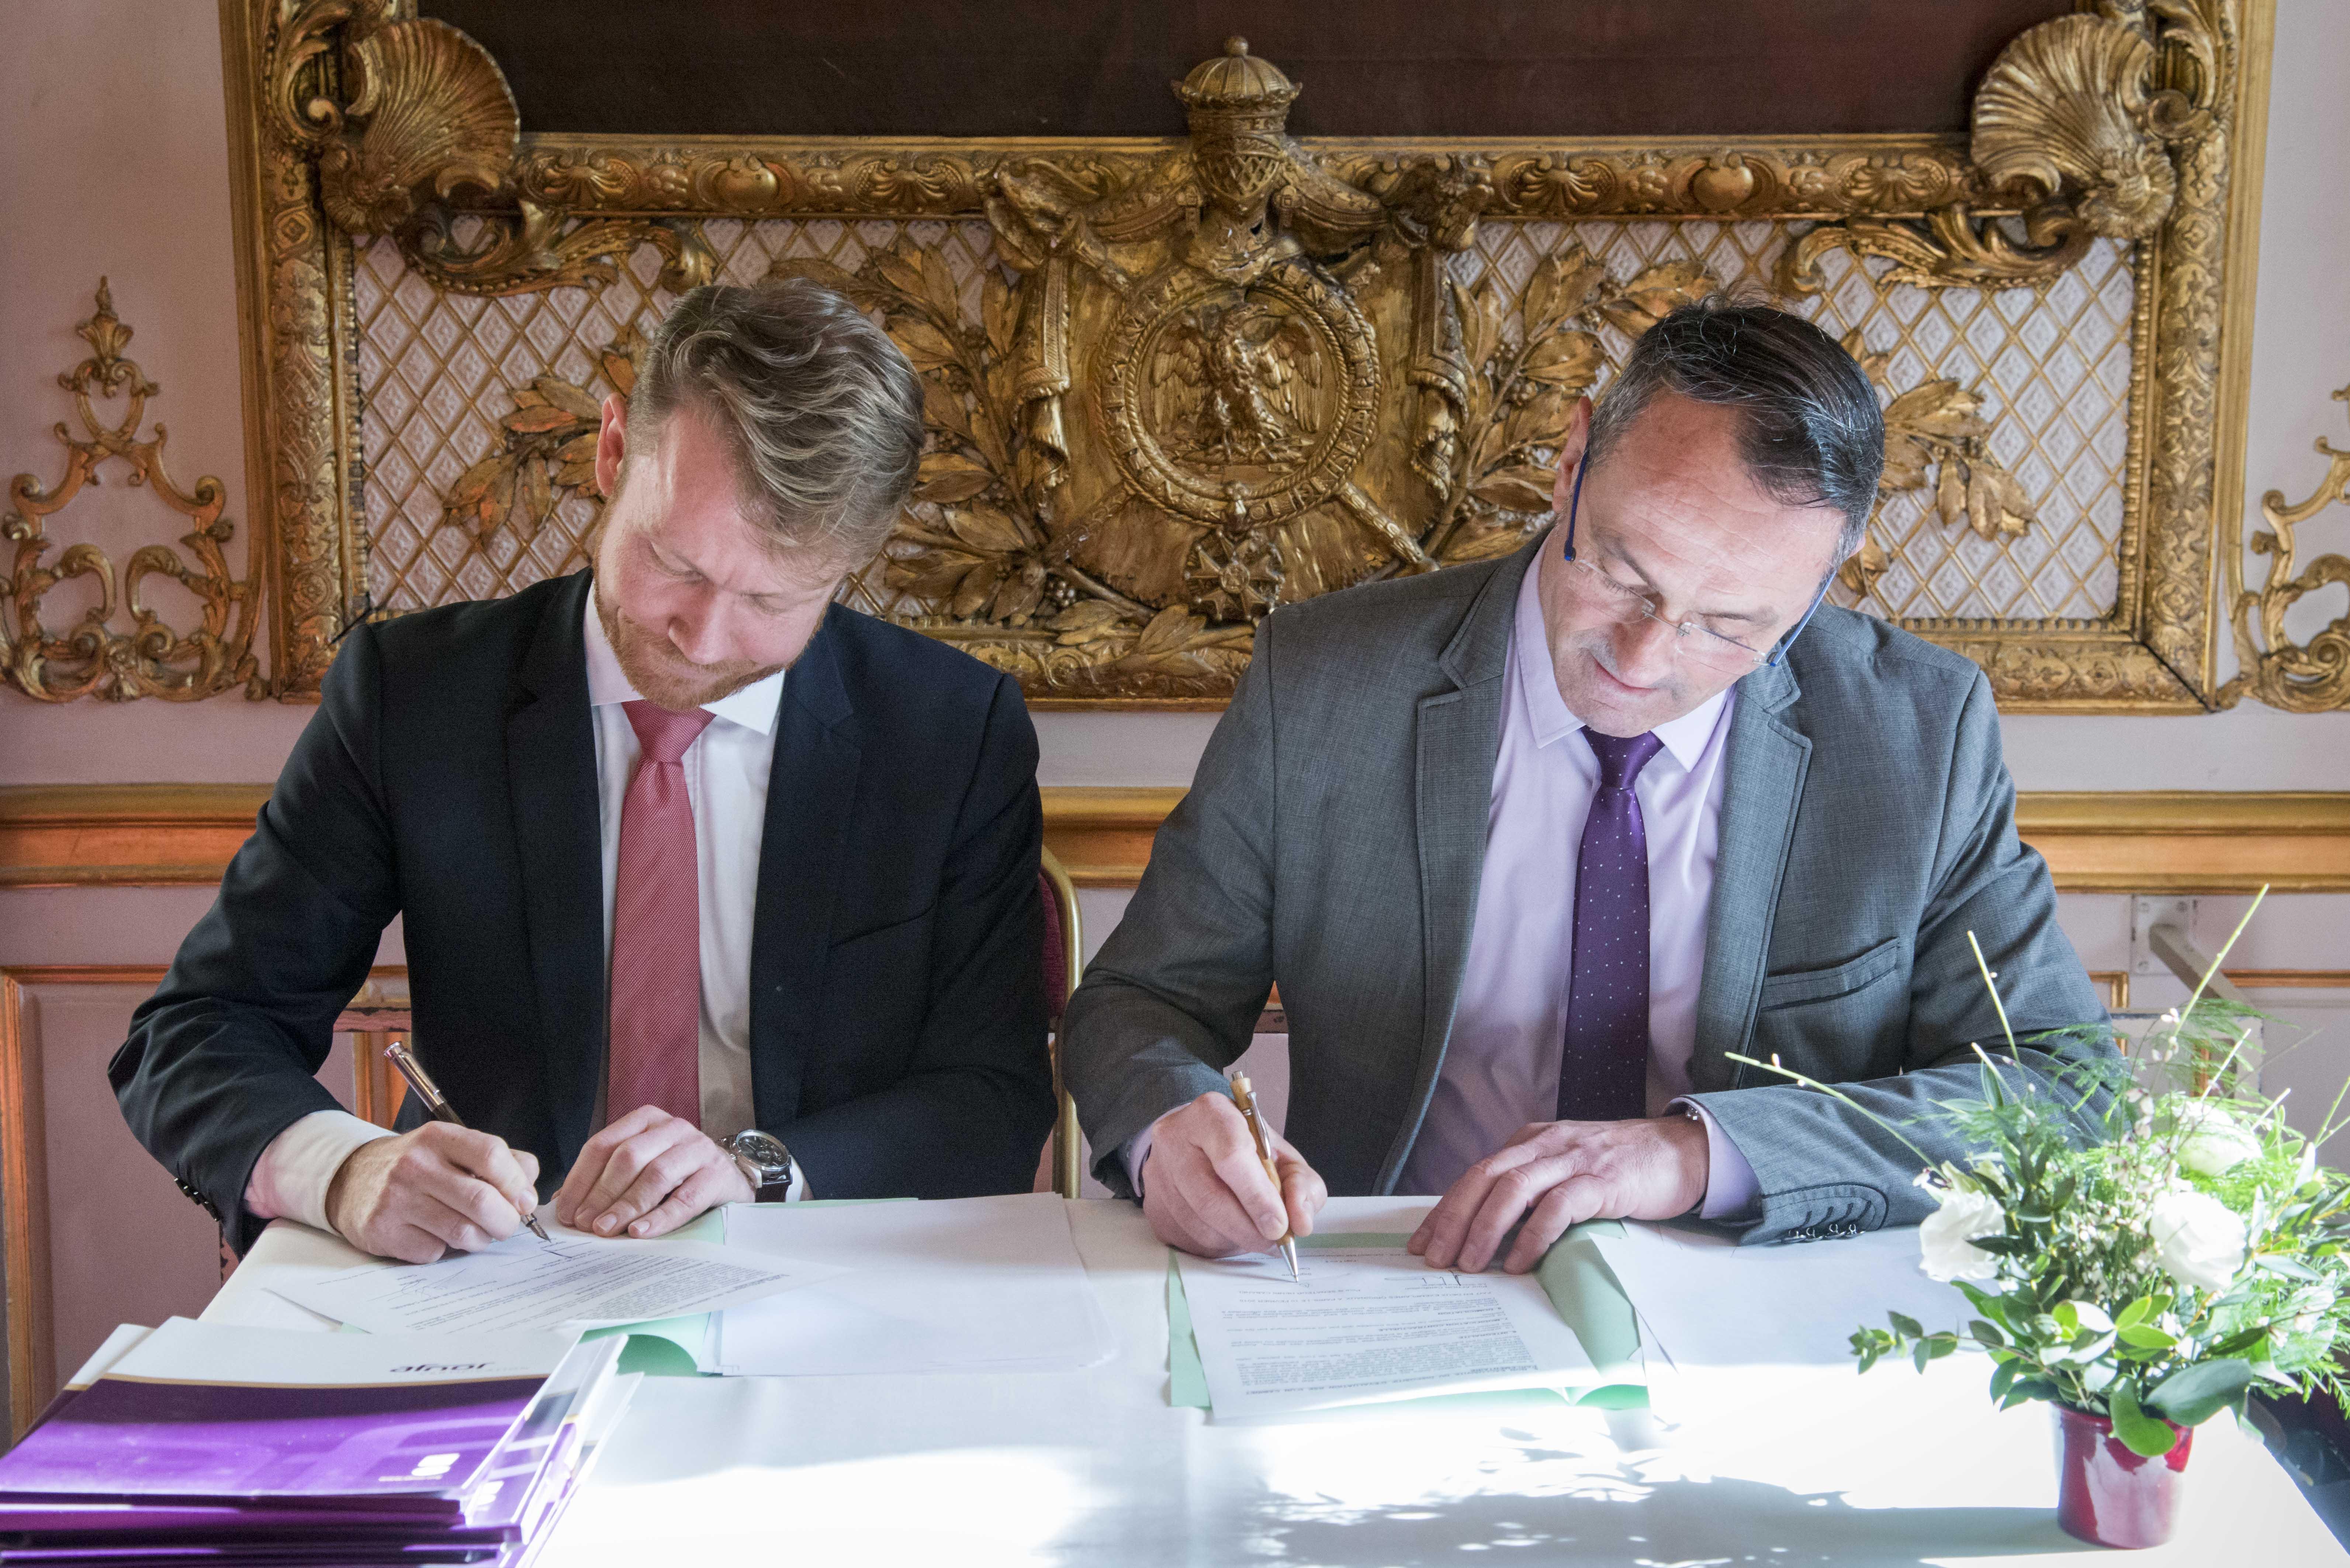 Signature d'une convention pour la mise en état et en oeuvre d'un dispositif d'évaluation tierce-partie des activités d'un cabinet parlementaire au regard des principes de la responsabilité sociétale des organisations, entre le sénateur Henri Cabanel et le groupe AFNOR